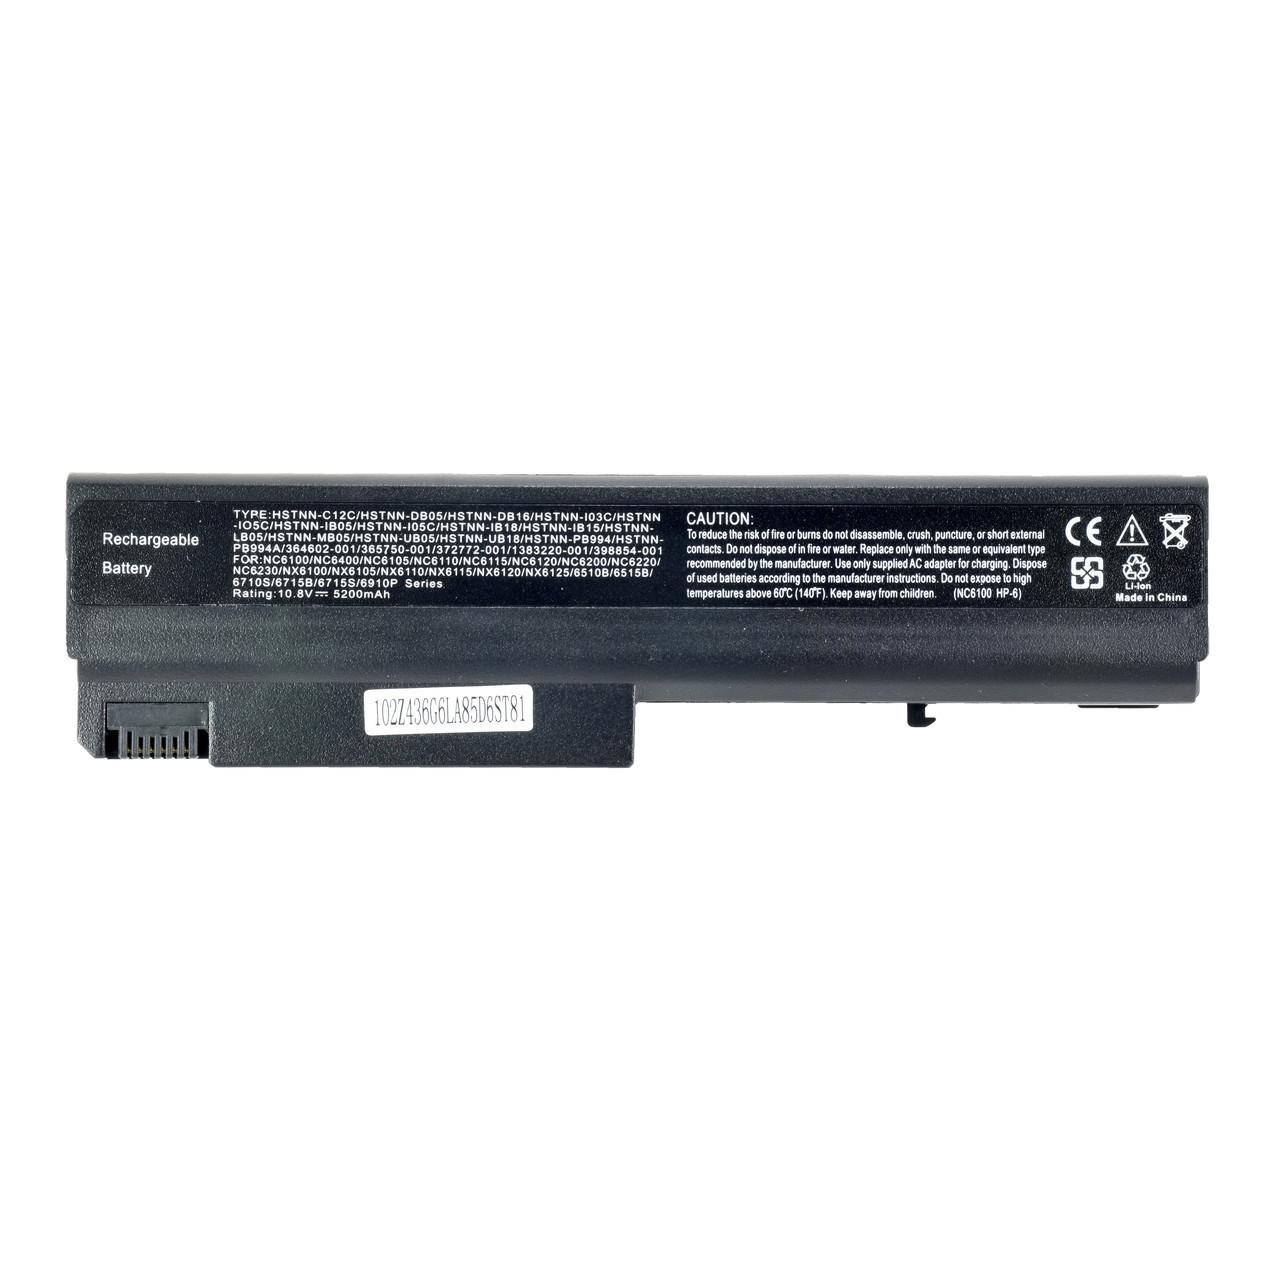 Батарея для ноутбука HSTNN-XB11 HSTNN-XB18 HSTNN-XB28 PB994 PB994A PB994ET PQ457AV 382533-001